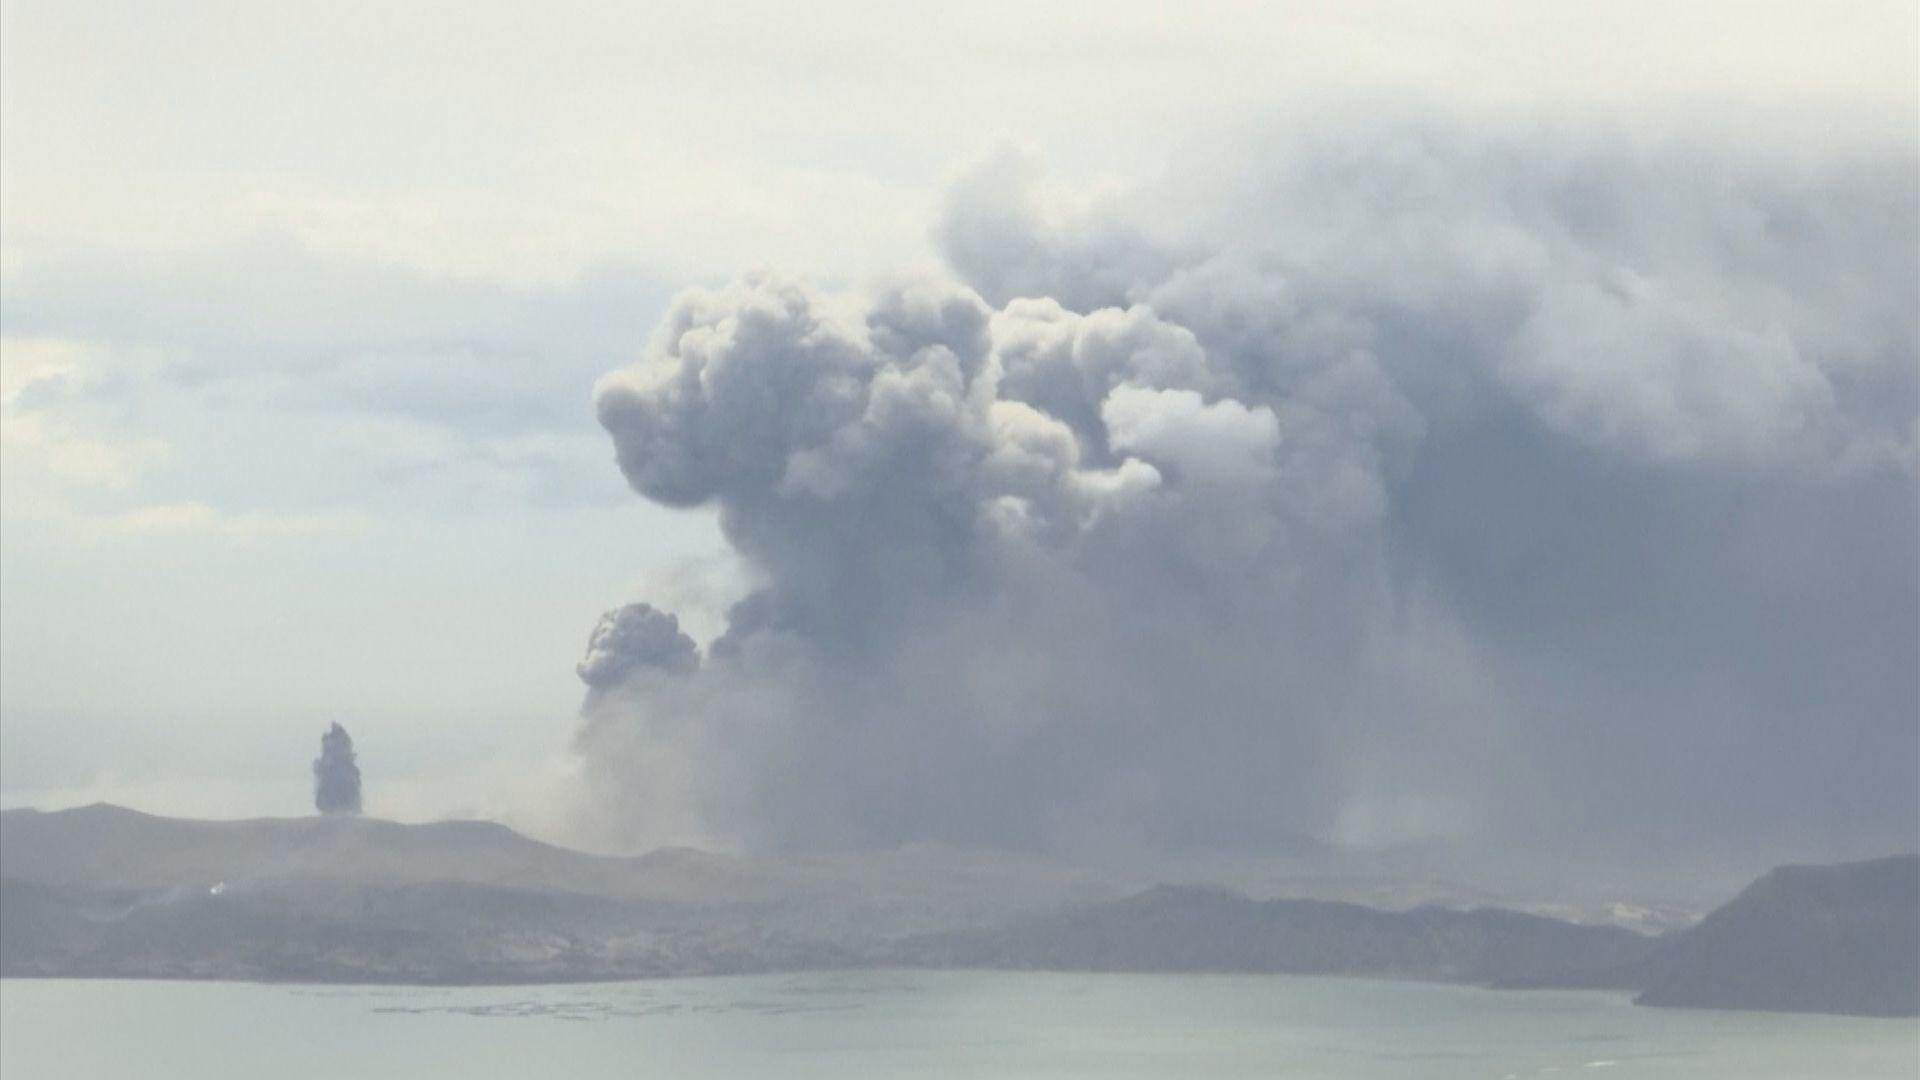 【即日焦點】馬道立:研究加快處理反修例案件如延長開庭;菲律賓火山爆發 馬尼拉機場逾500航班取消